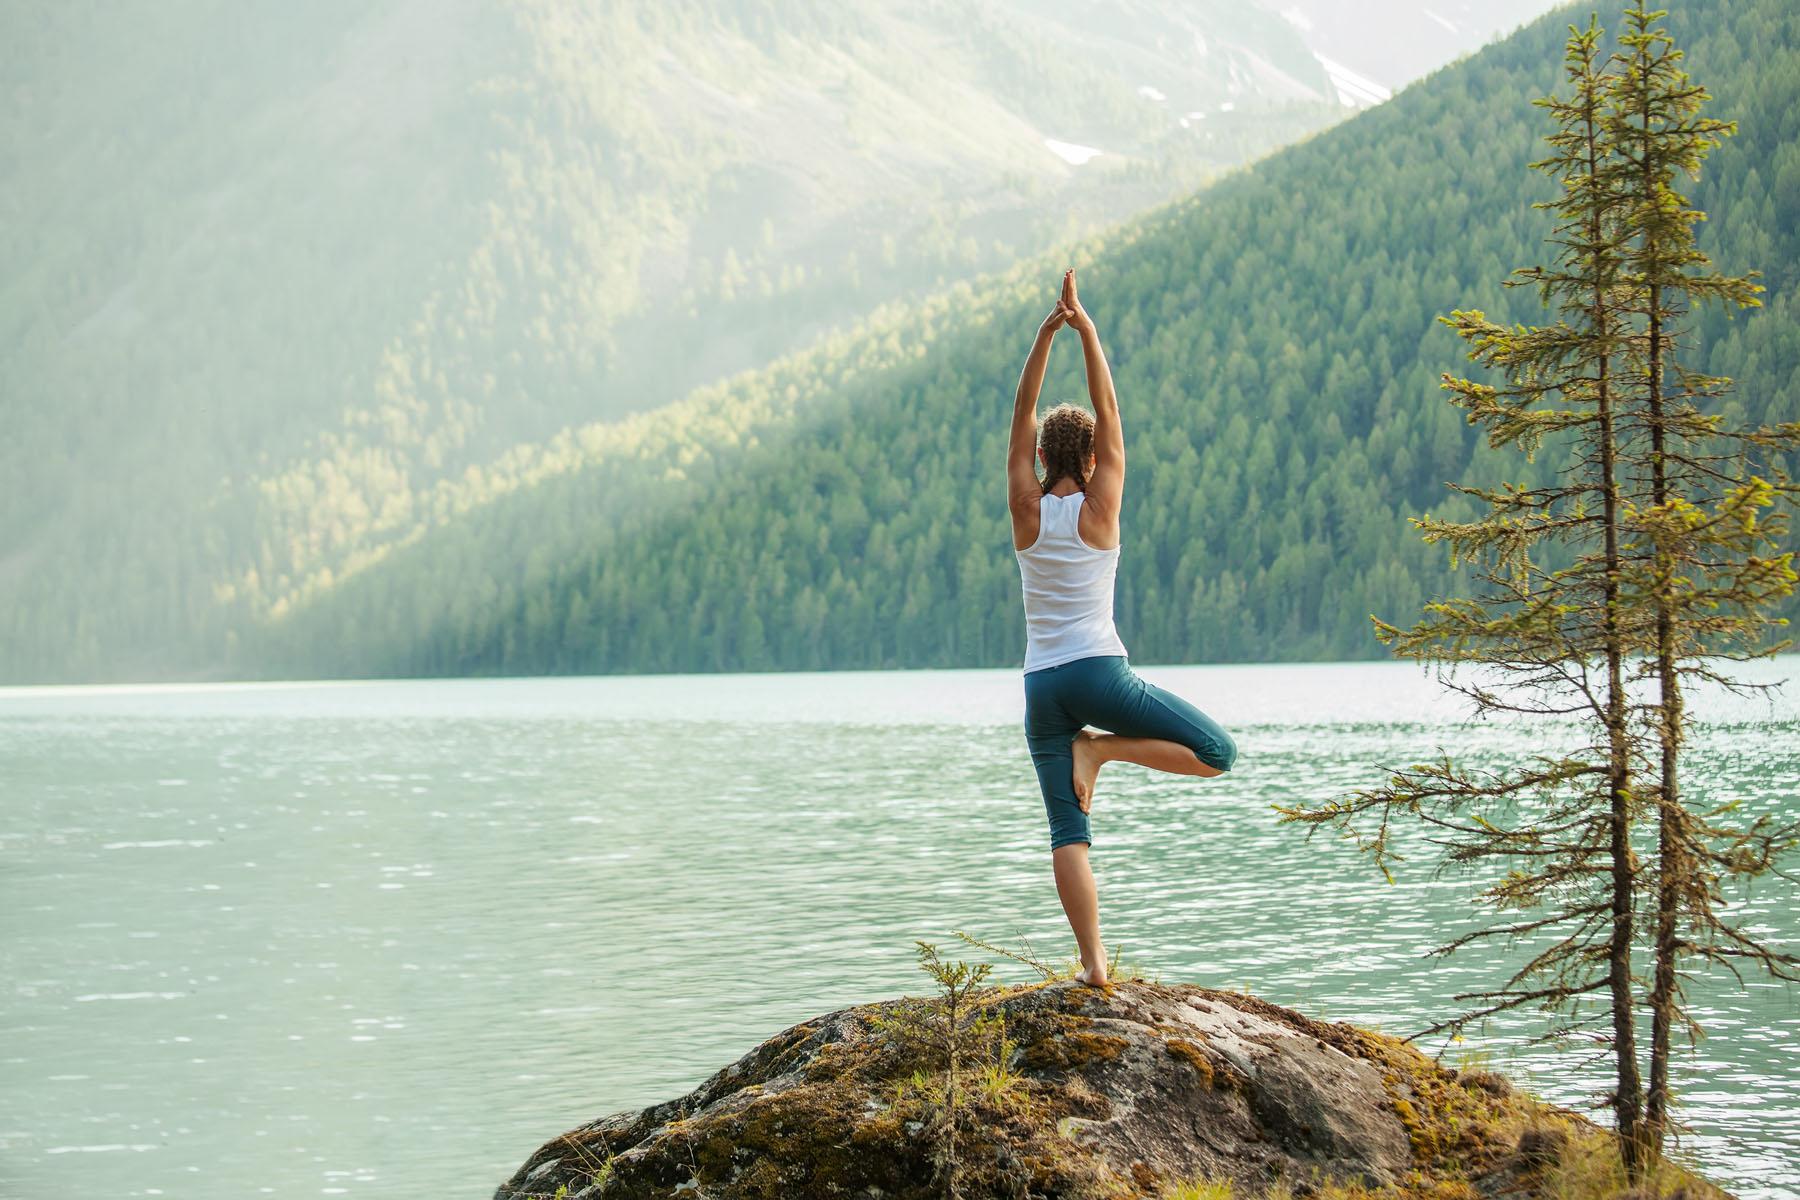 Frau balanciert einbeinig in Yogapose auf einem Felsen am Ufer eines Bergsees